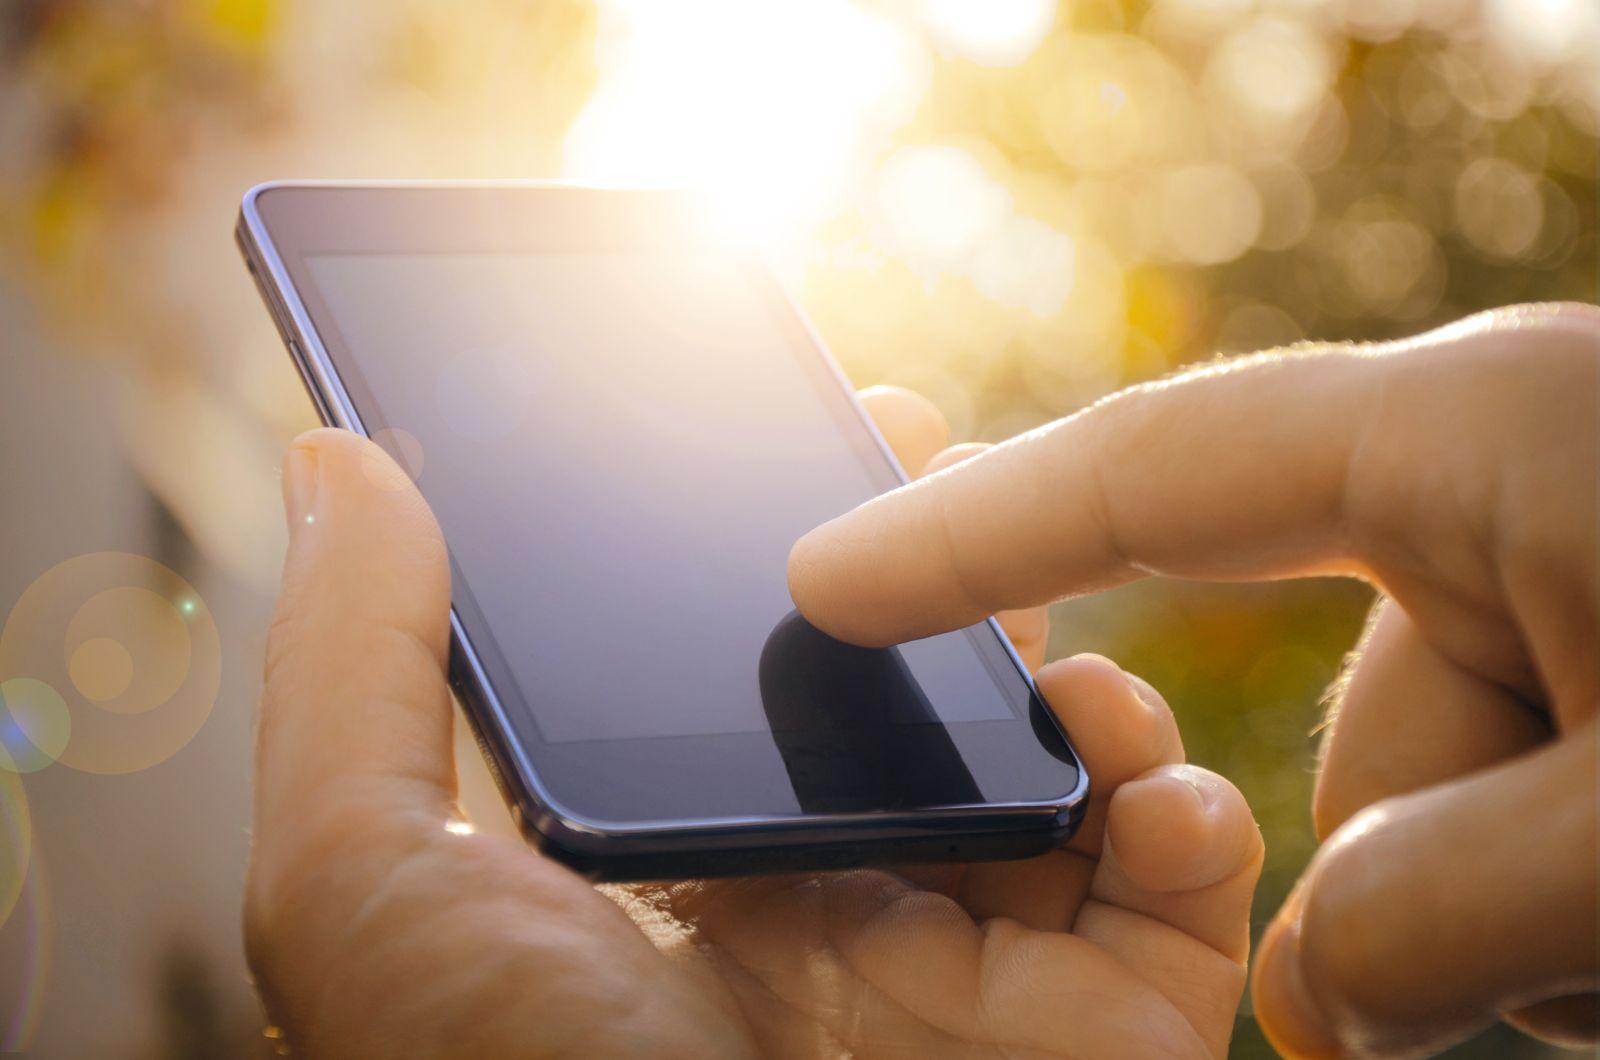 Ideální je mobil pravidelně čistit antibakteriální utěrkou, ukládat ho do pouzdra a nikomu ho nepůjčovat.